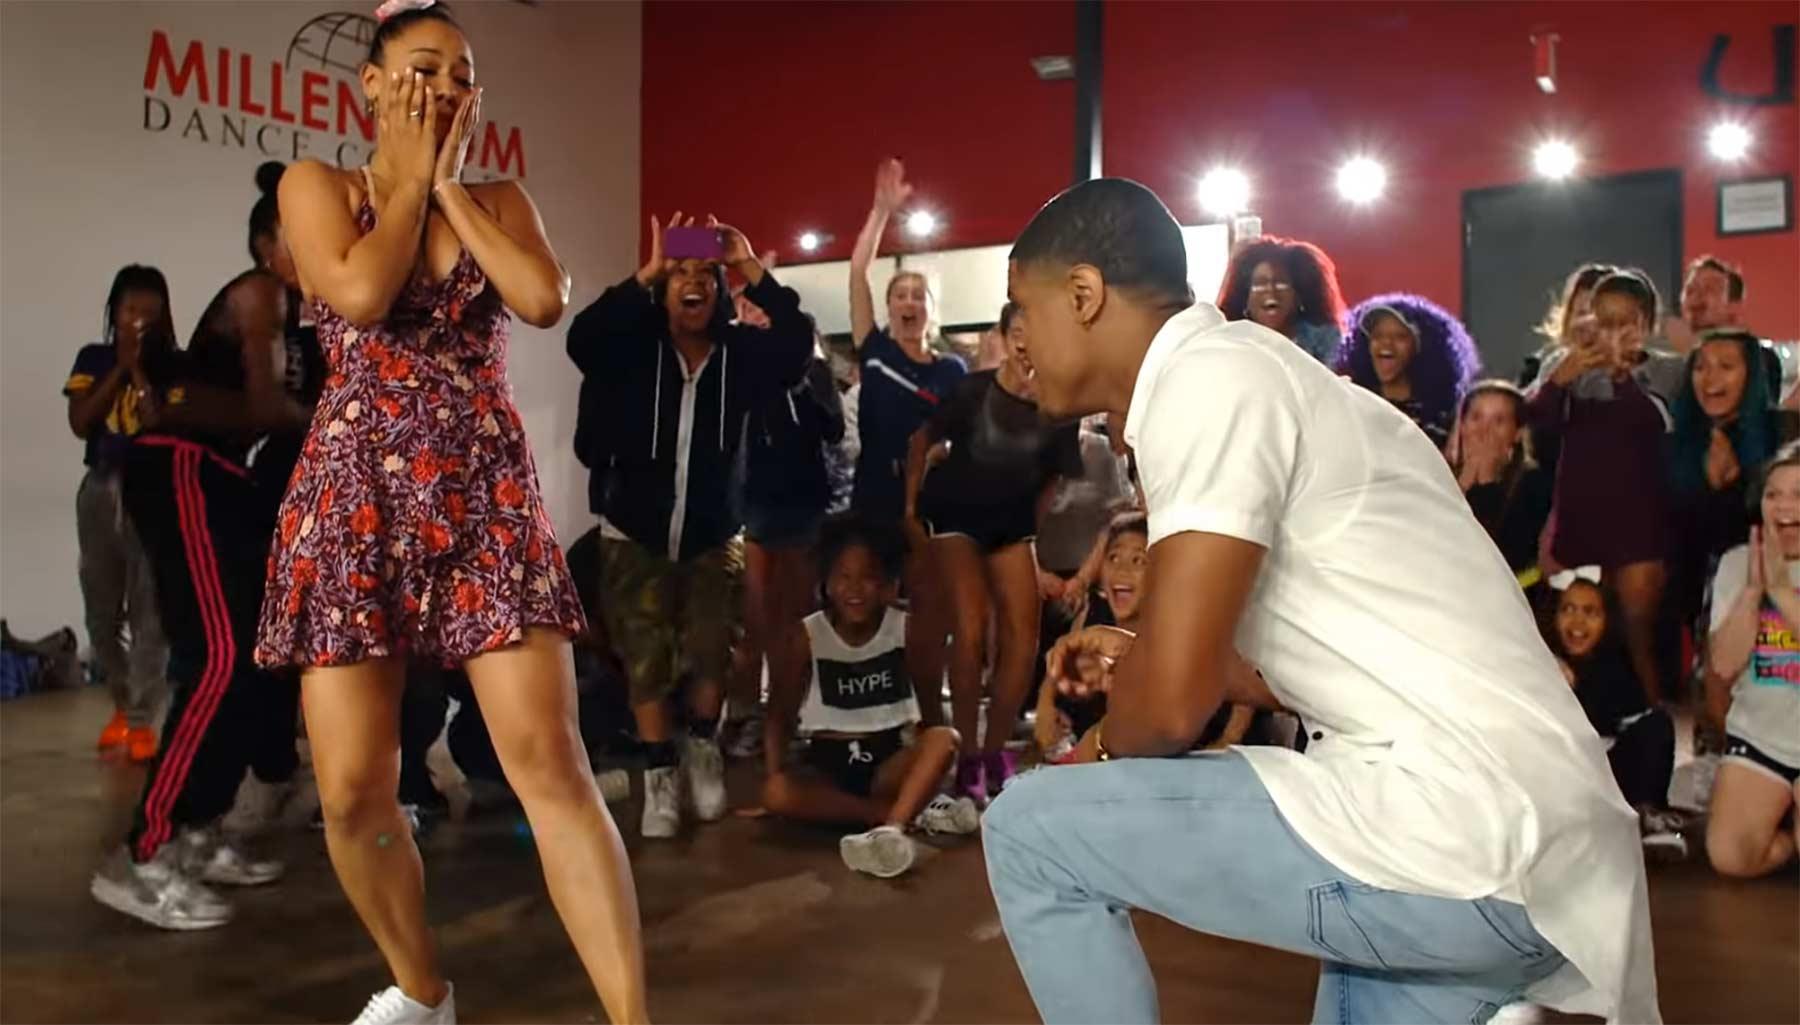 Choreograph macht Antrag während des Tanzes antrag-beim-tanzen